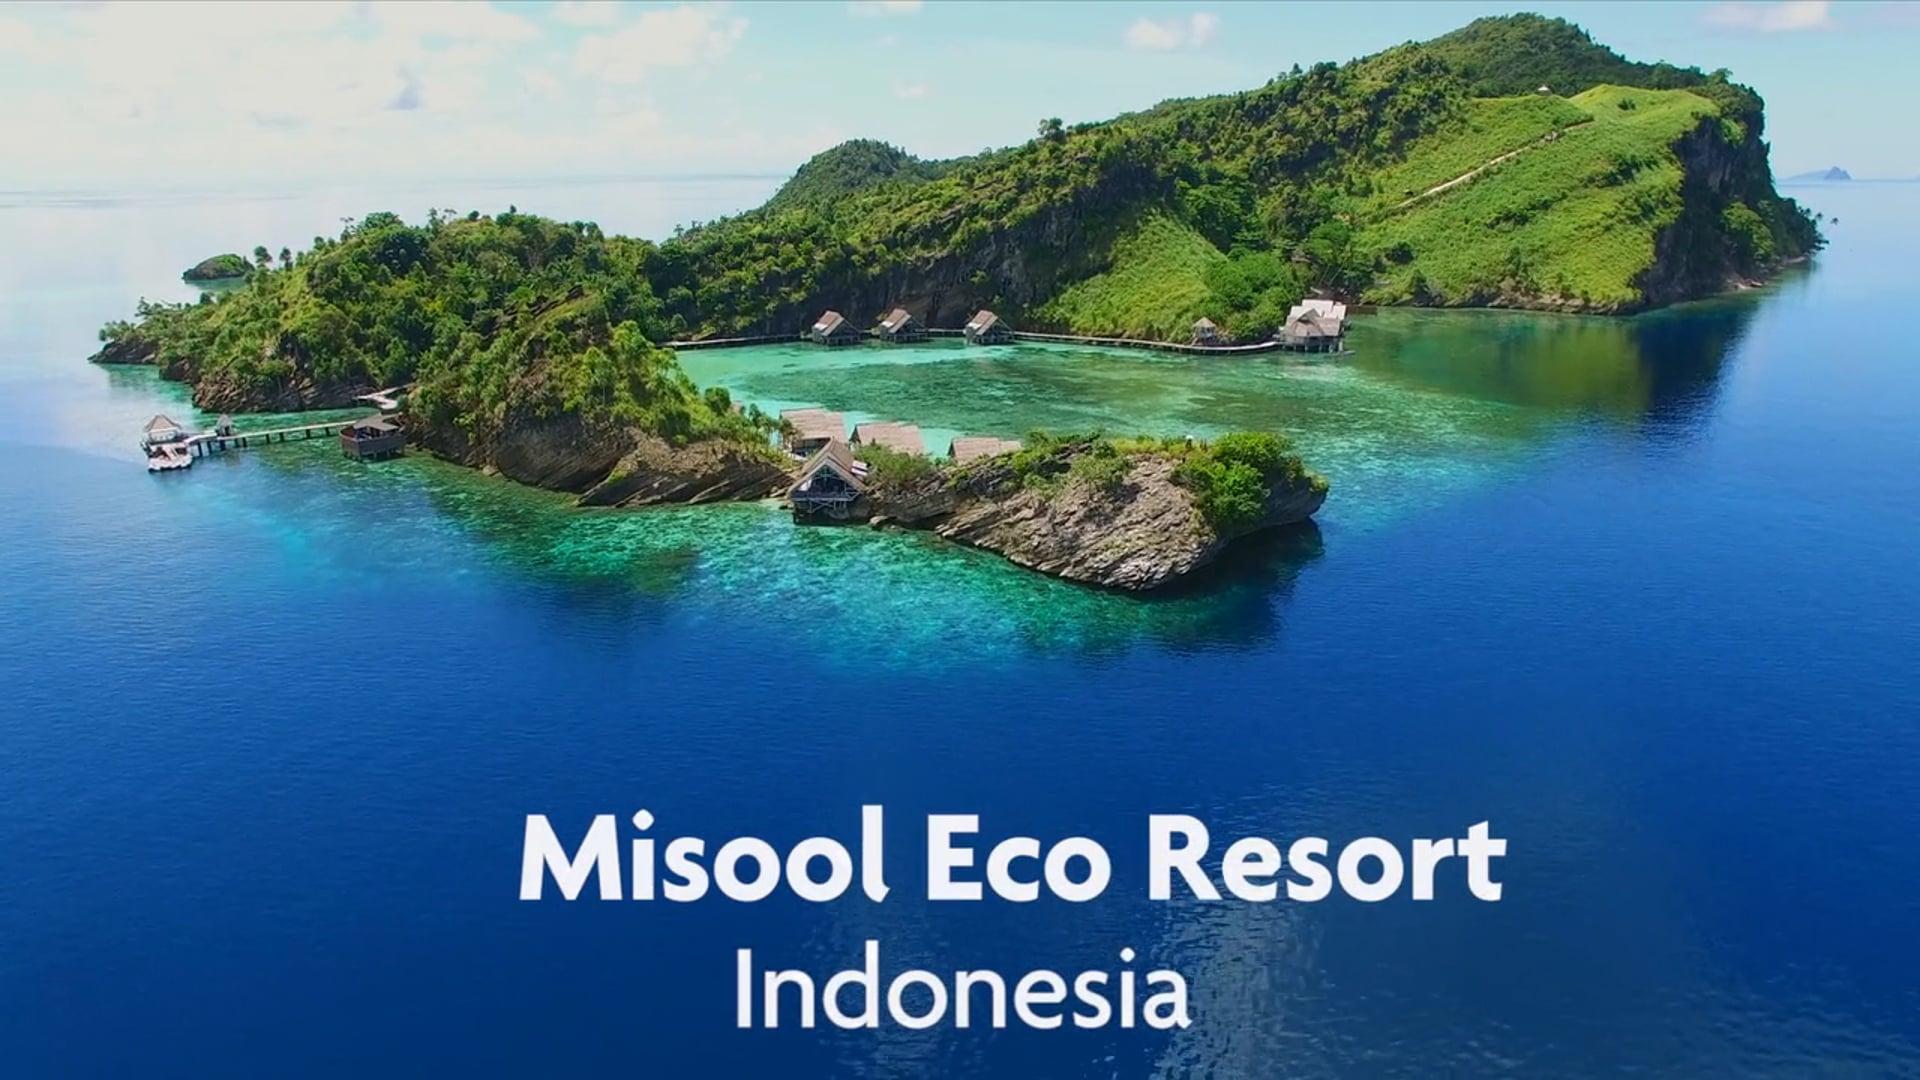 Misool, Raja Ampat, Indonesia